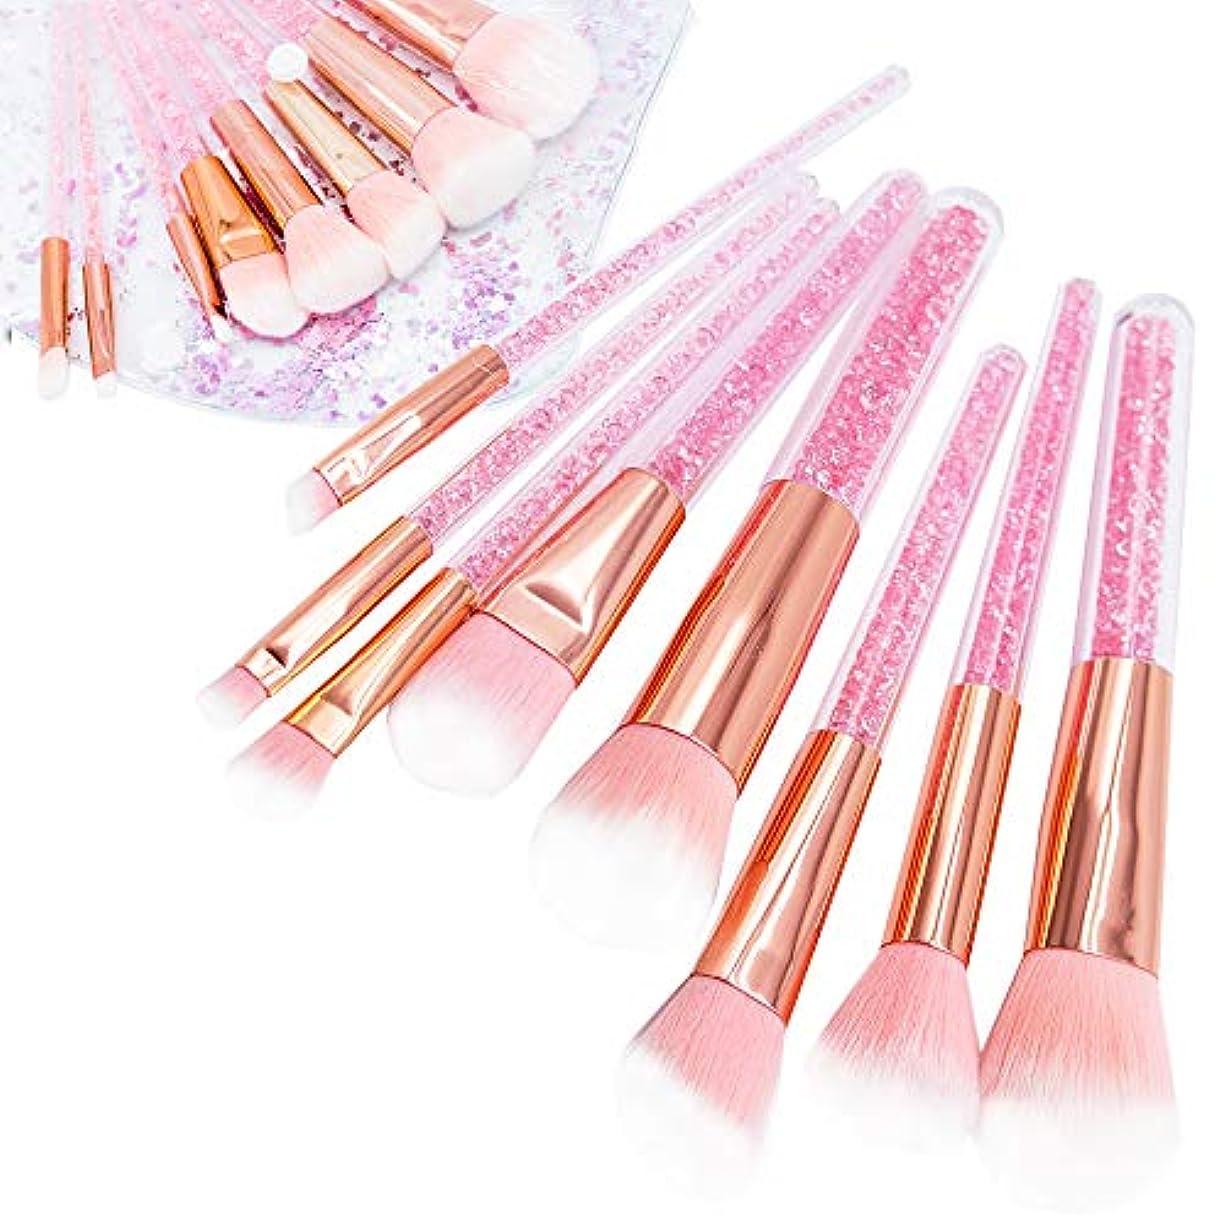 建設アクティブ困惑するUrban frontier メイクブラシ 化粧筆 可愛いピンク 8本セット 化粧ポーチ付き 携帯便利 敏感肌適用